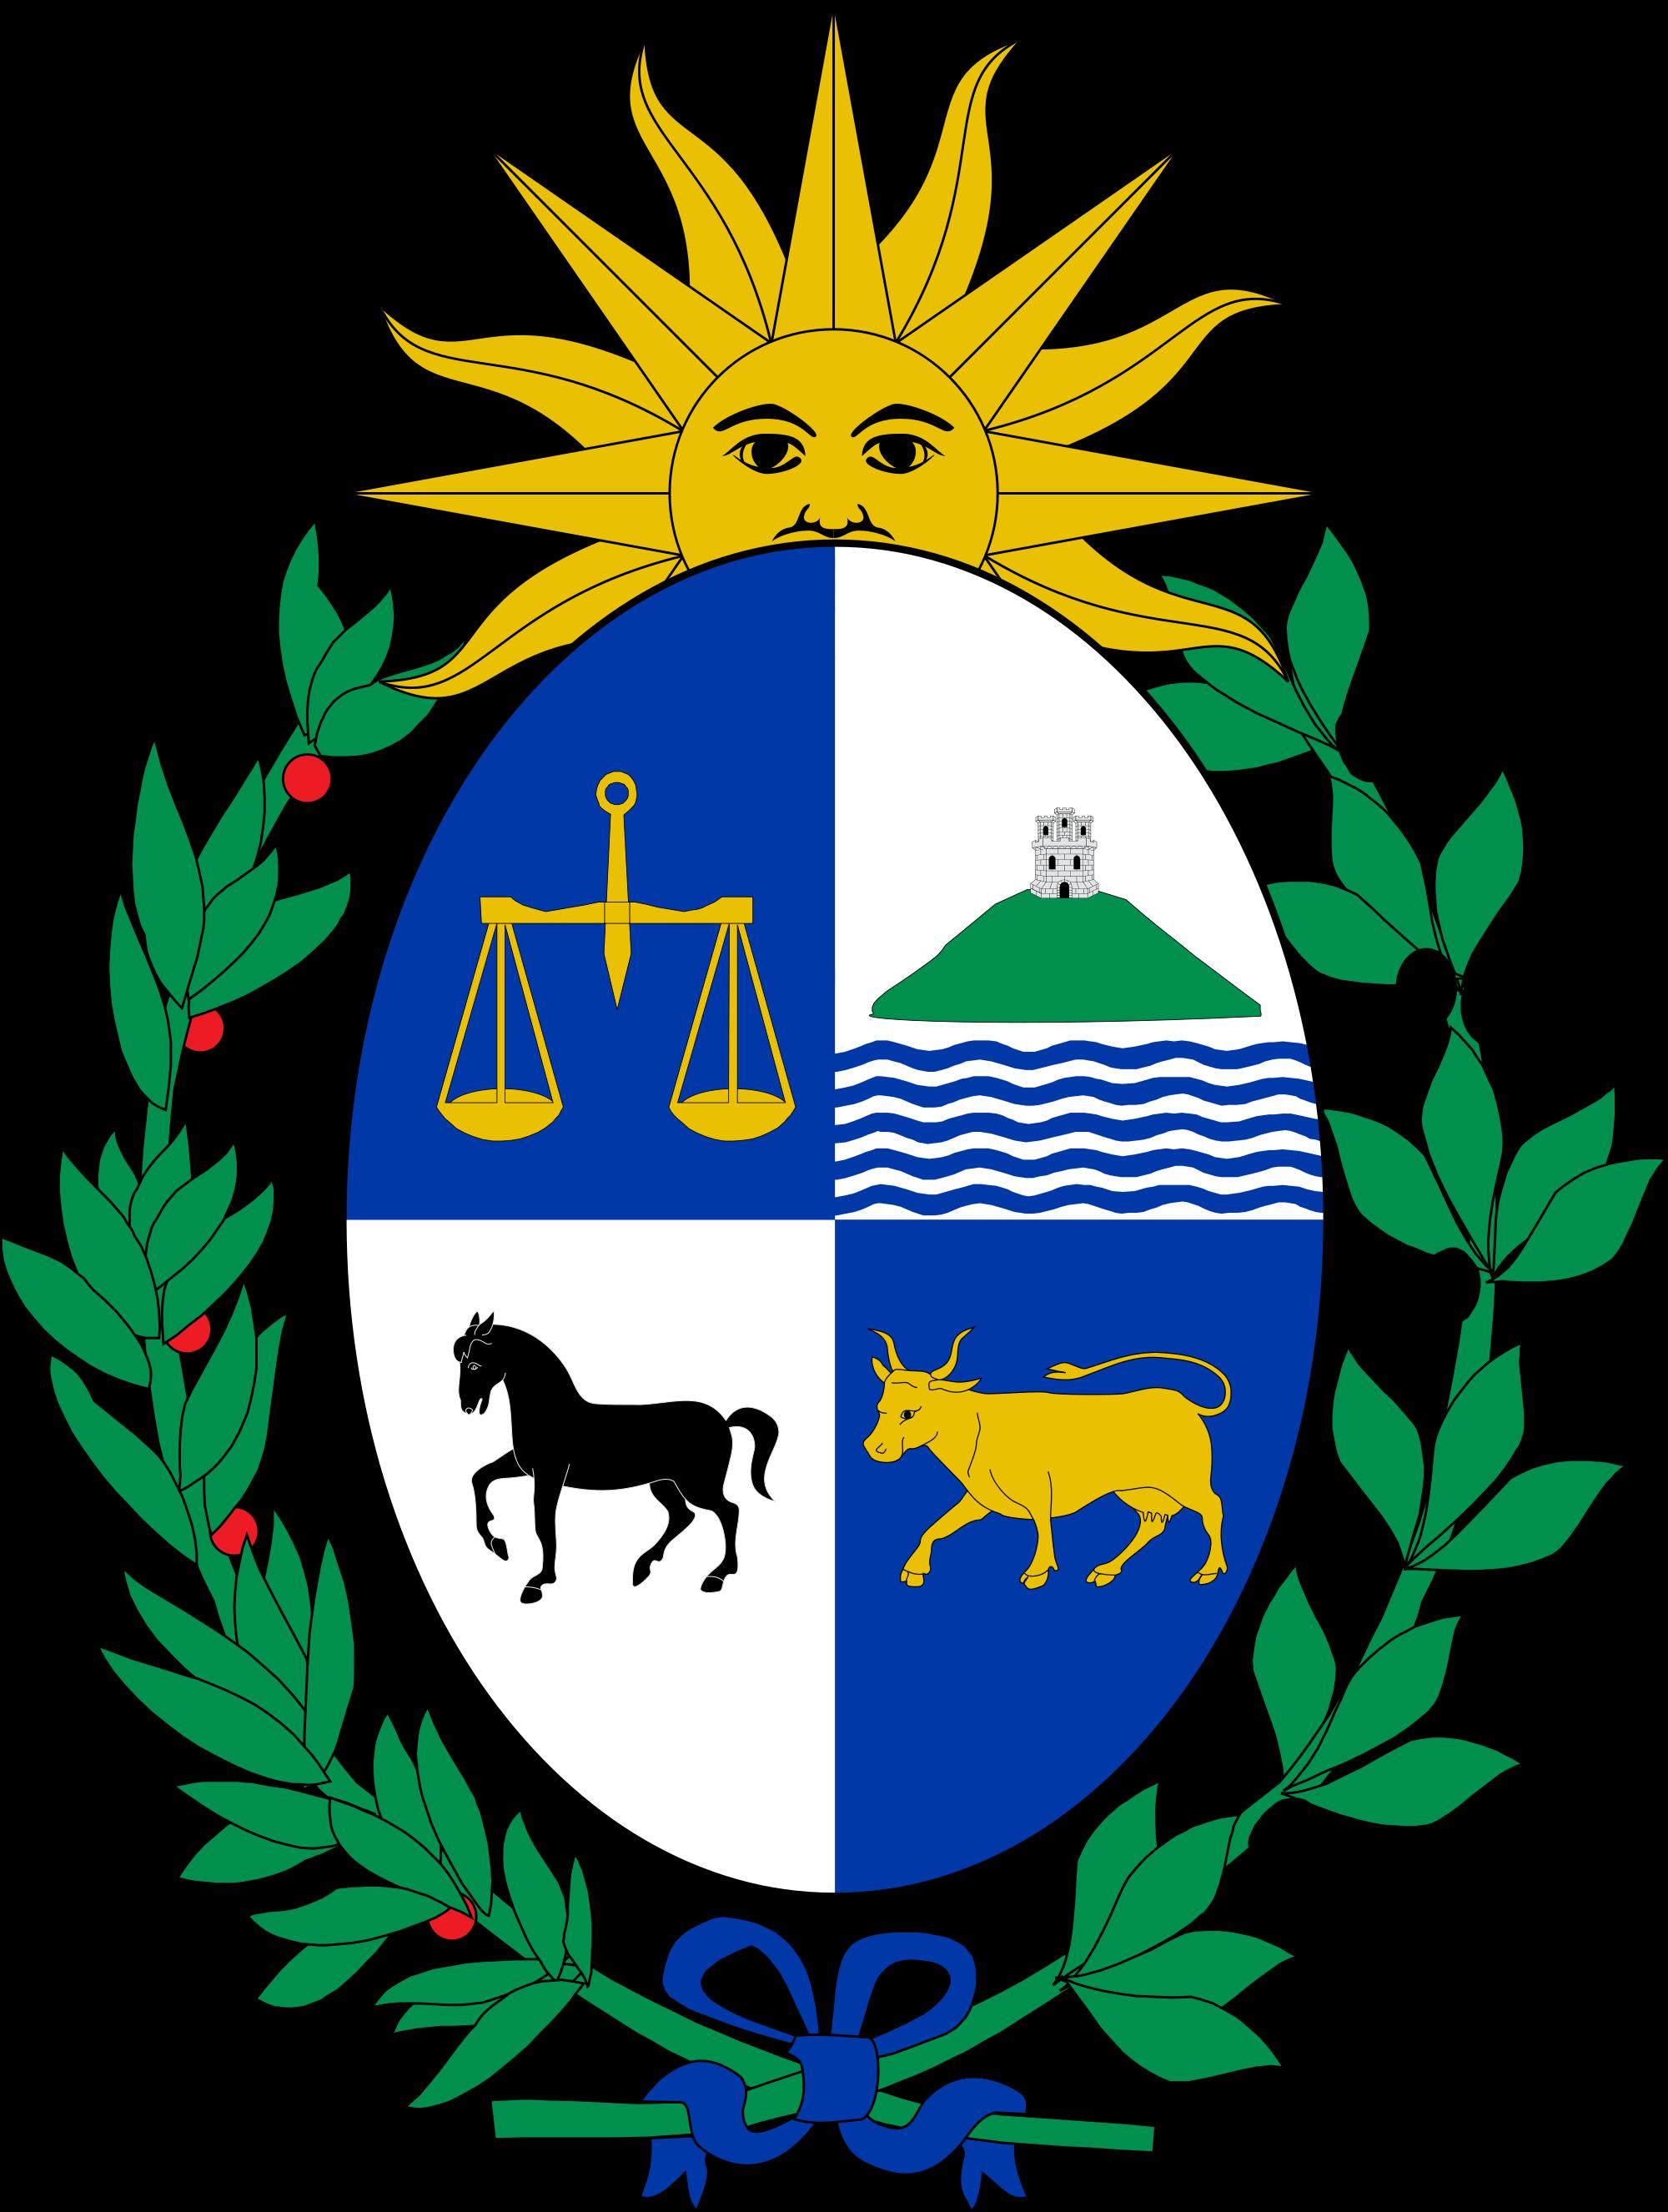 شعار نبالة أوروغواي